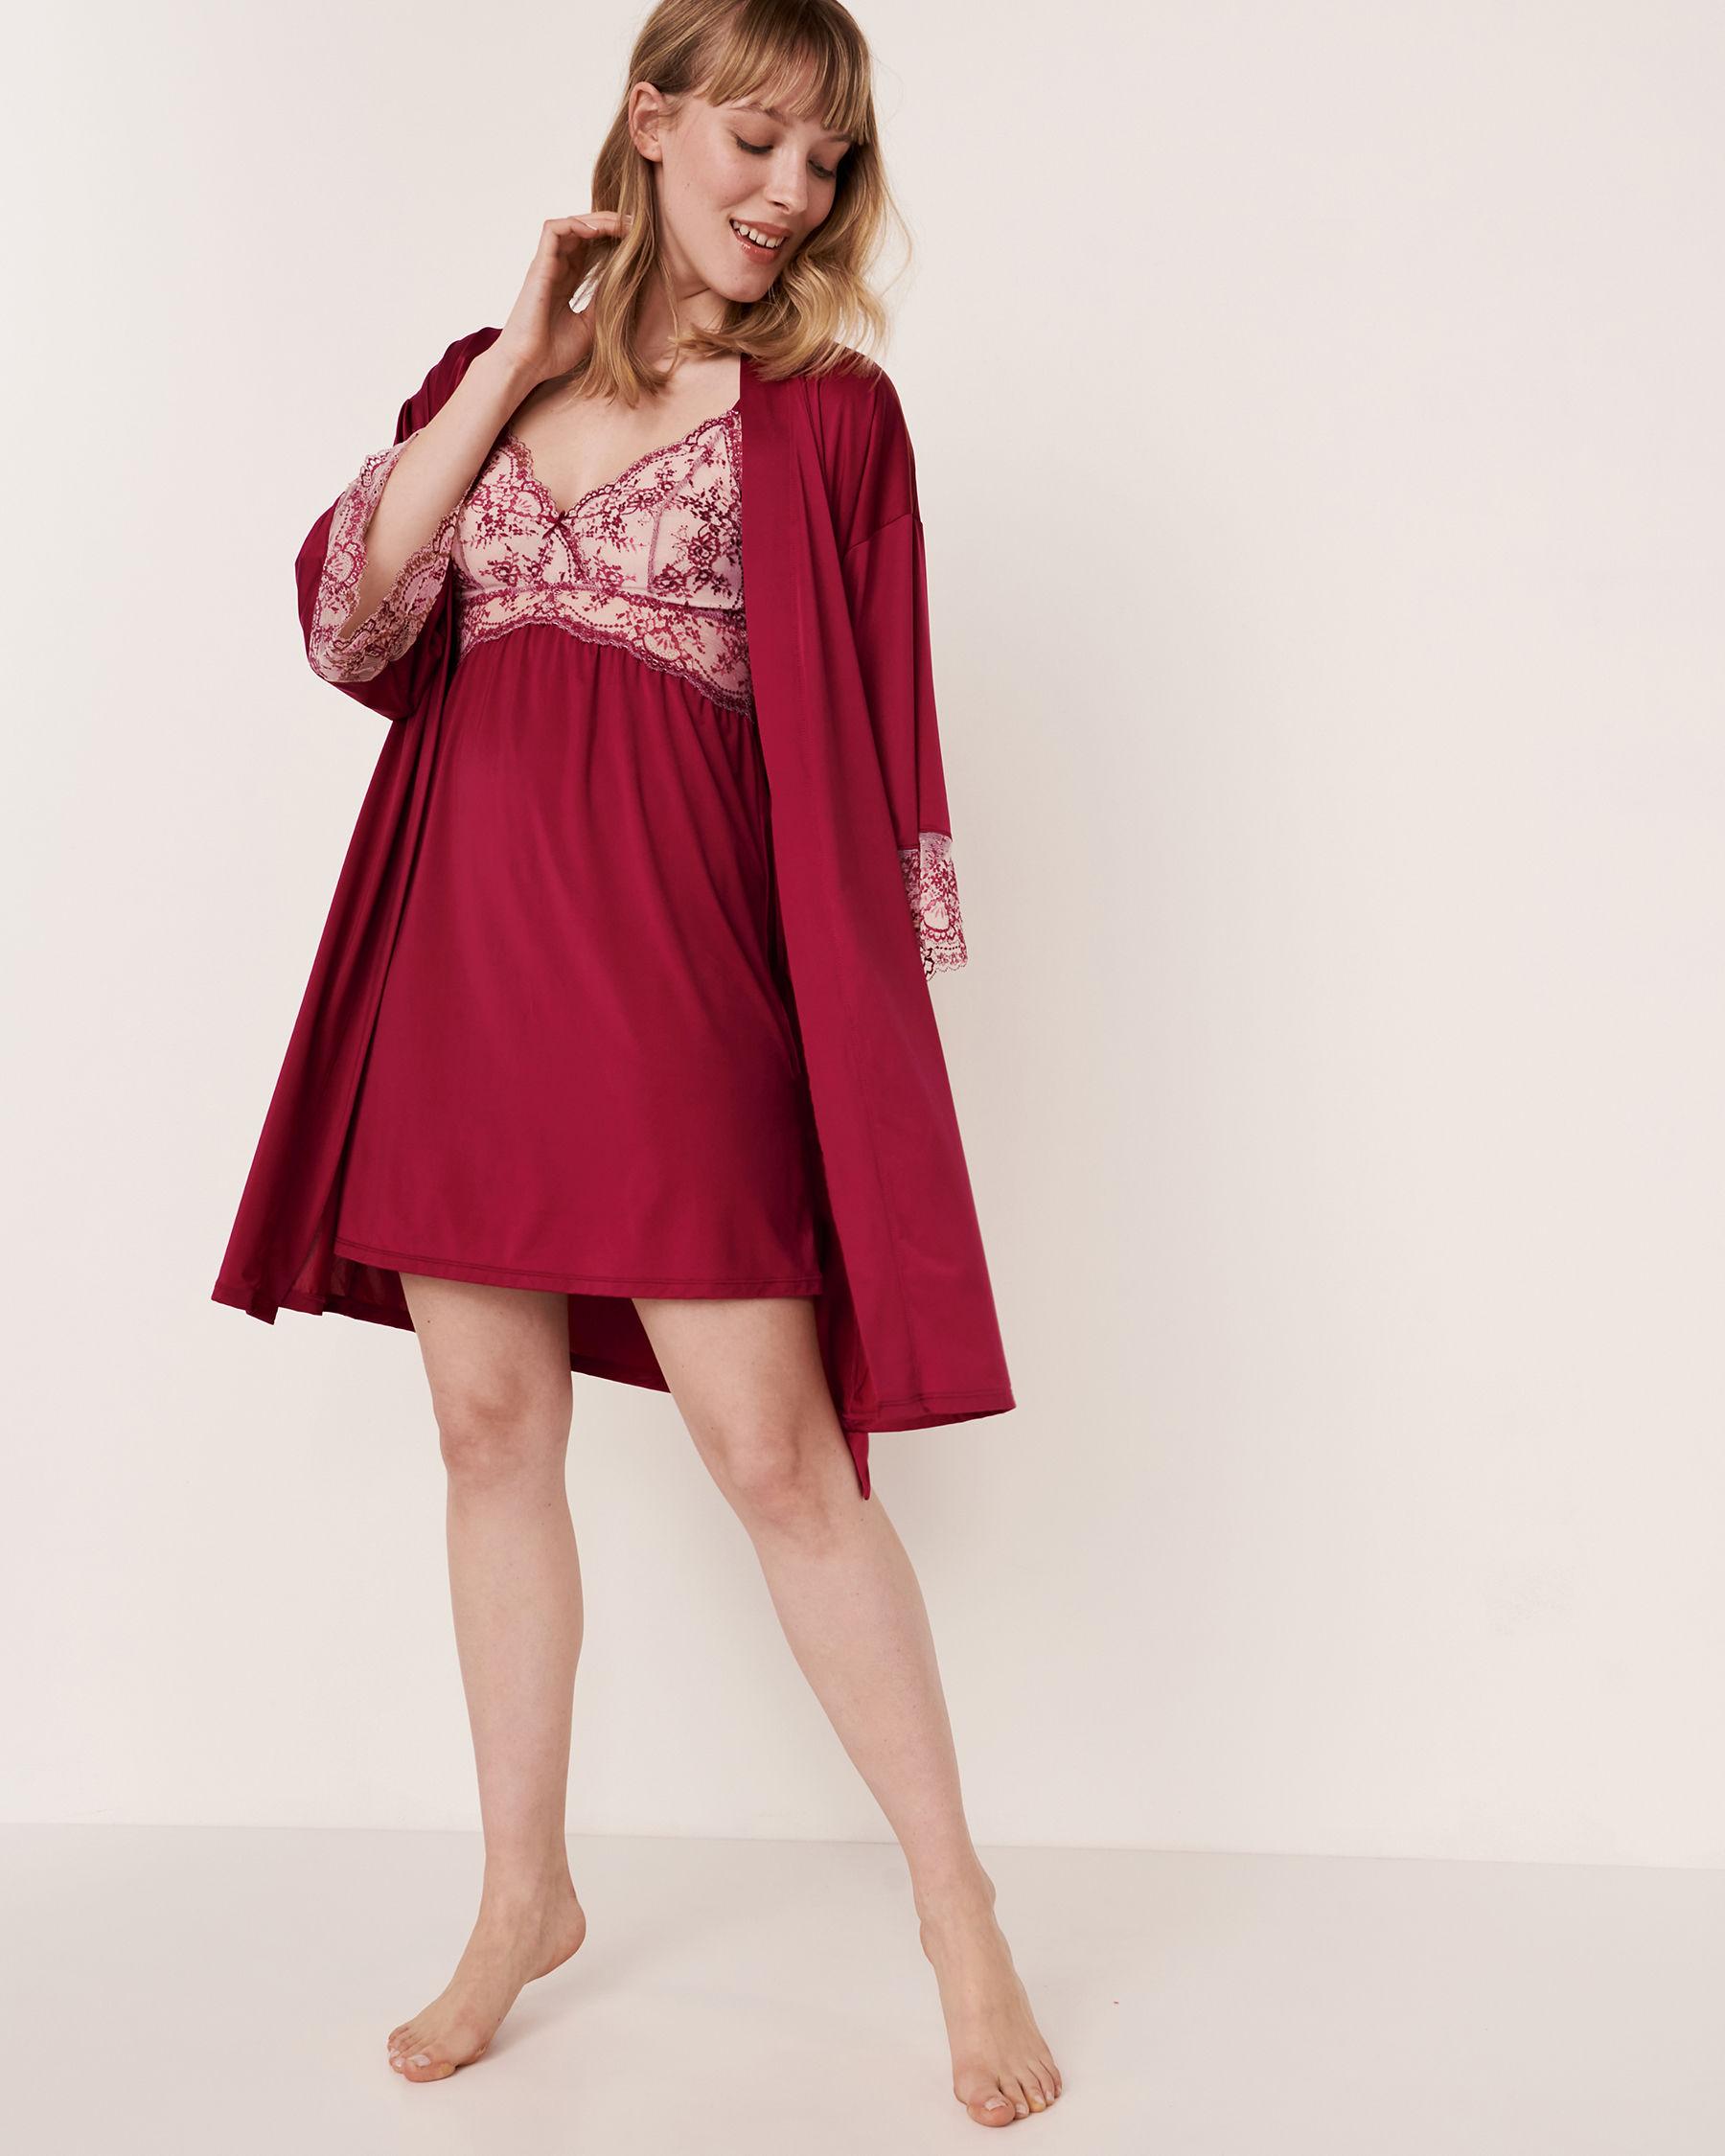 LA VIE EN ROSE Kimono garniture de dentelle Betterave 60600005 - Voir1